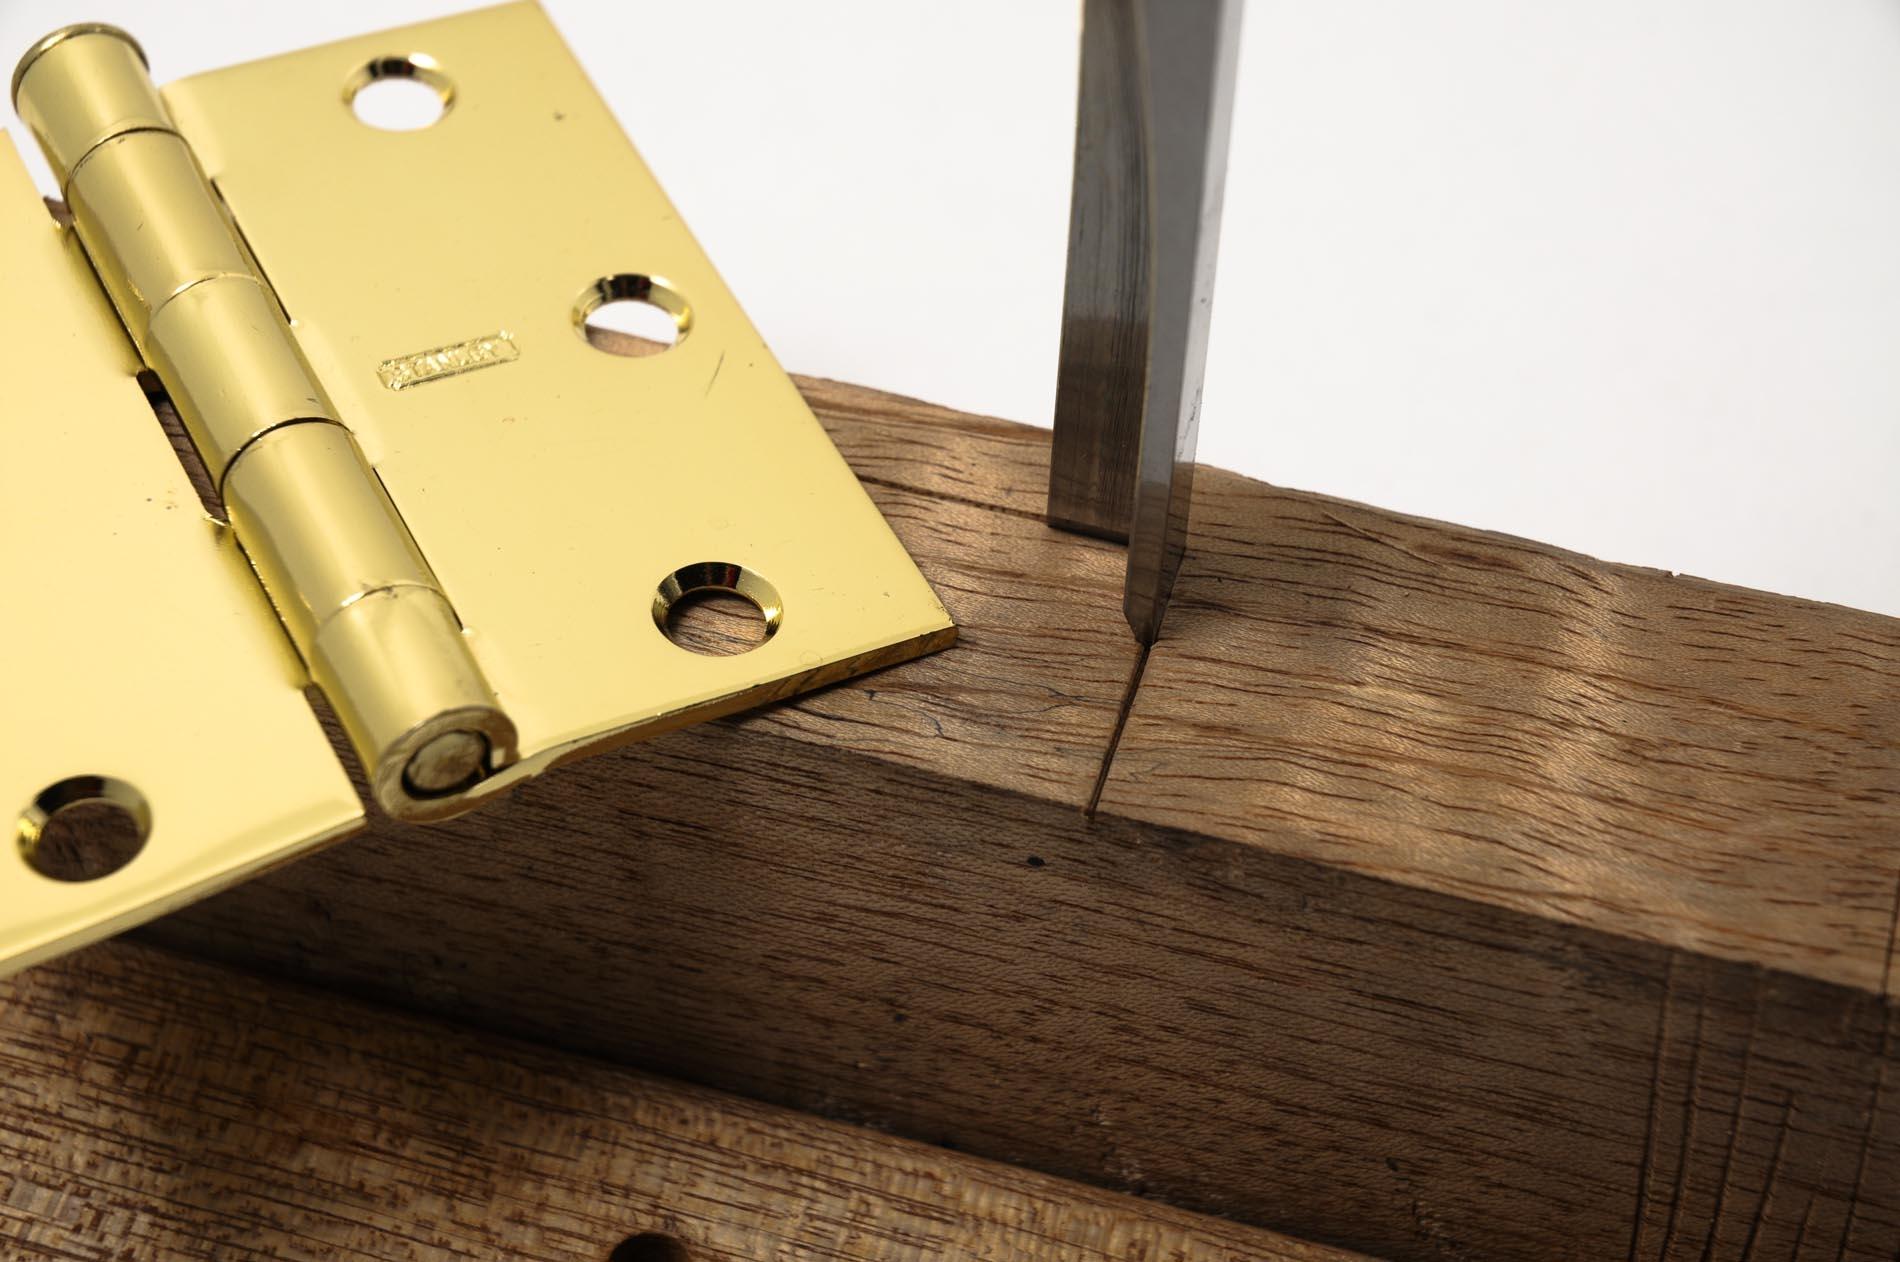 813410-Instalacion bisagras, chapas, formon 90° ancho 10mm Narex 813410-max-1.